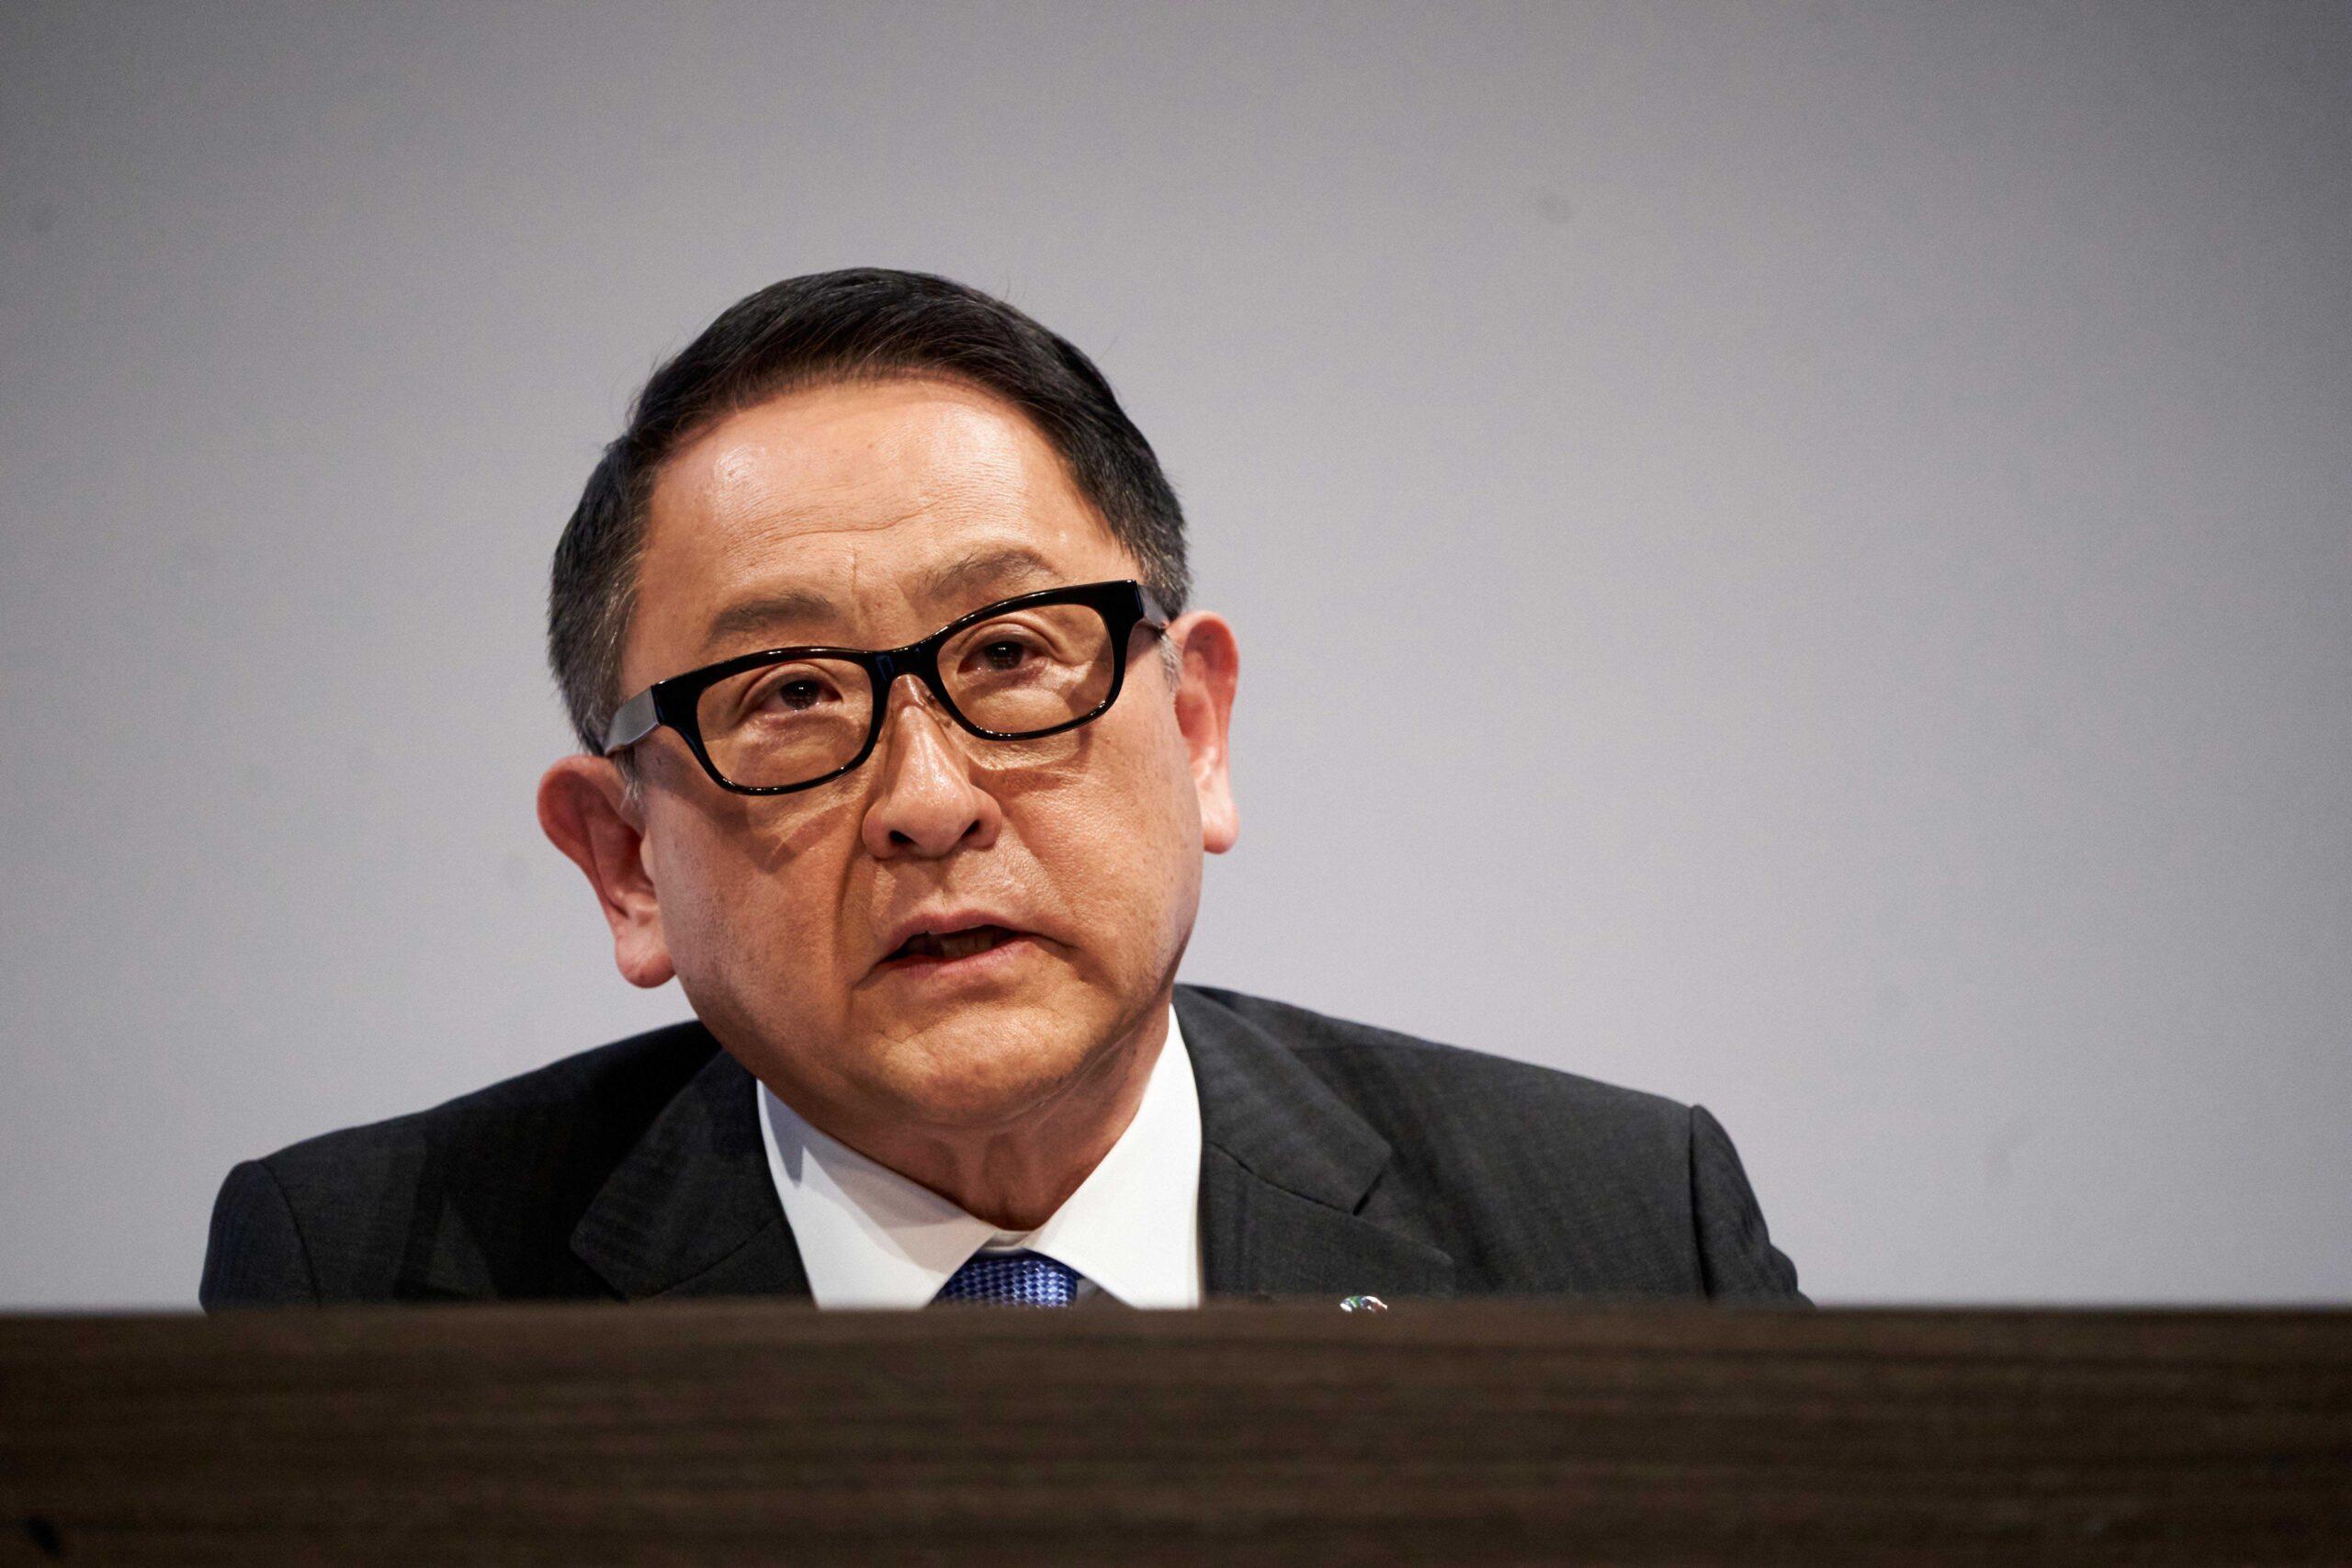 Los directores ejecutivos explican por qué Toyota, Isuzu y Hino formaron una asociación con CASE